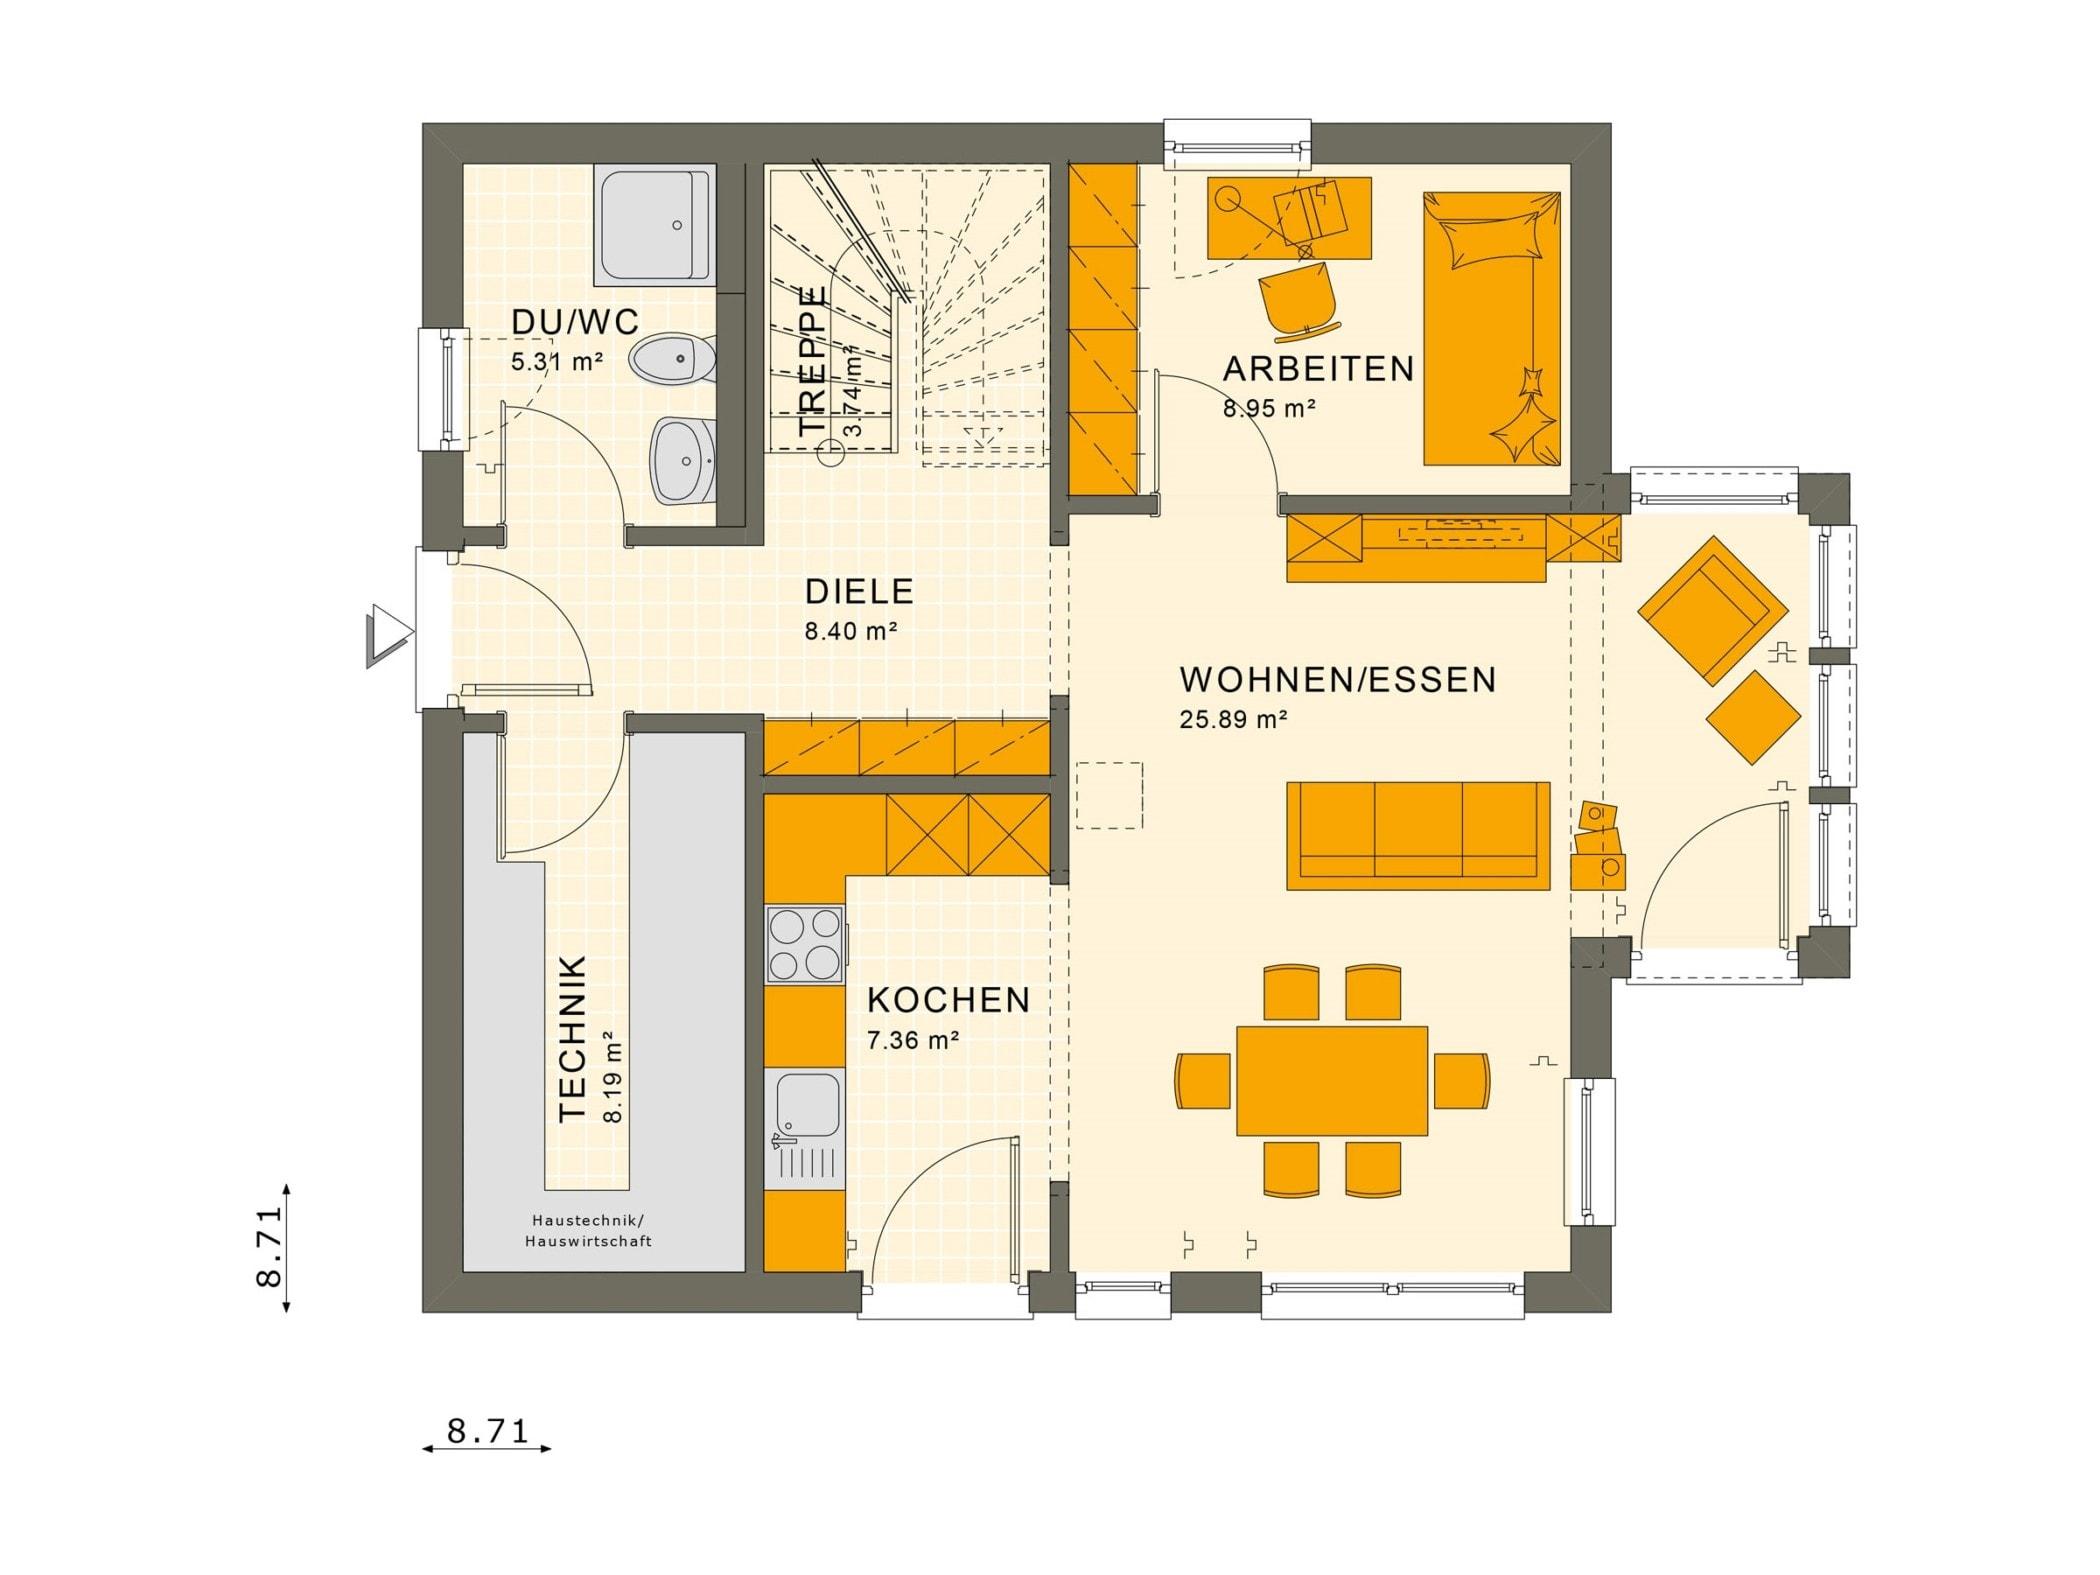 Einfamilienhaus Grundriss Erdgeschoss quadratisch mit Erker, 5 Zimmer, 125 qm - Fertighaus Living Haus SUNSHINE 126 V2 a - HausbauDirekt.de